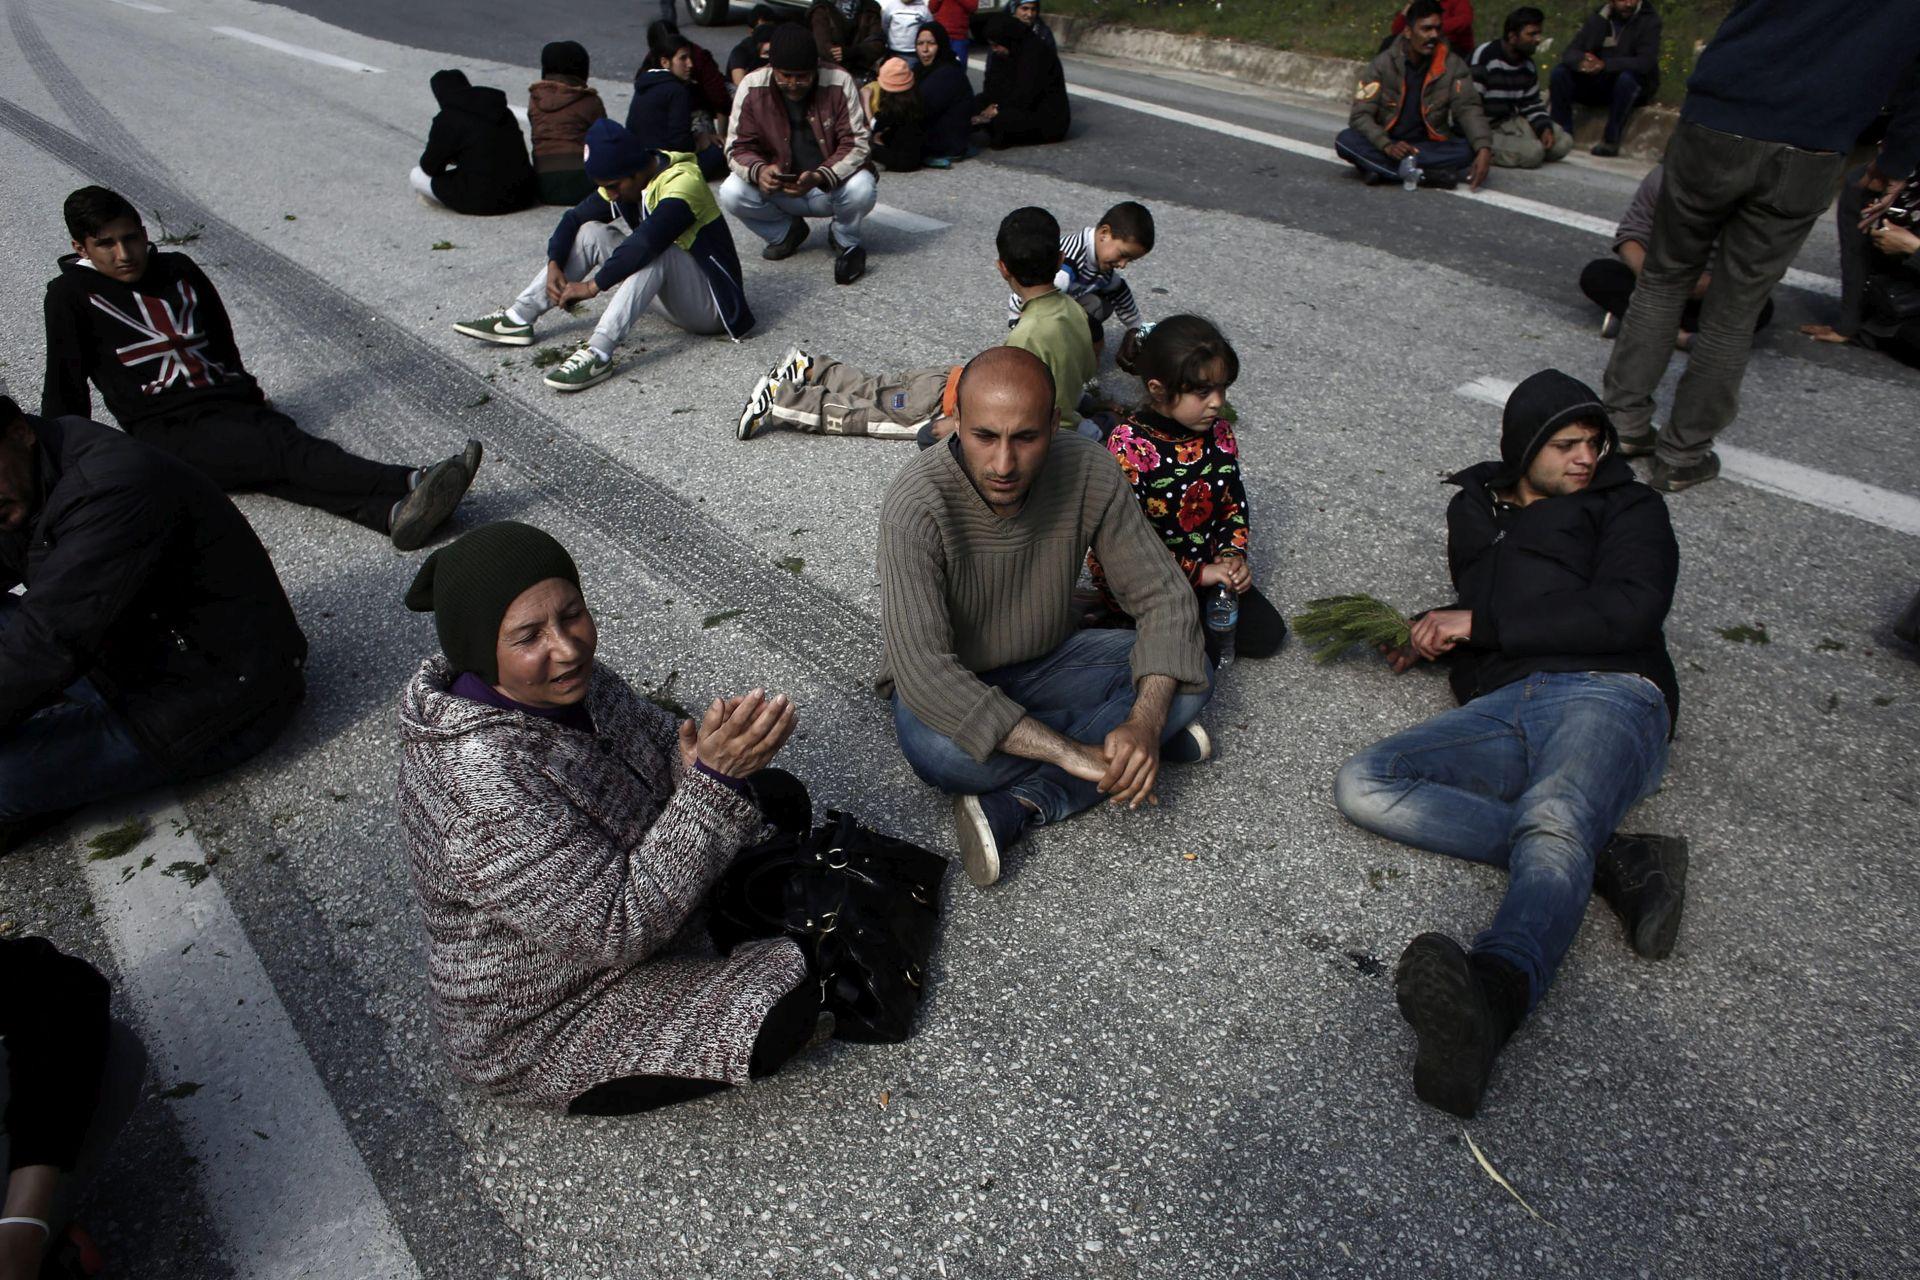 NAKON SPORAZUMA: Turska kaže da još nije dobila novac iz EU-a za izbjeglice